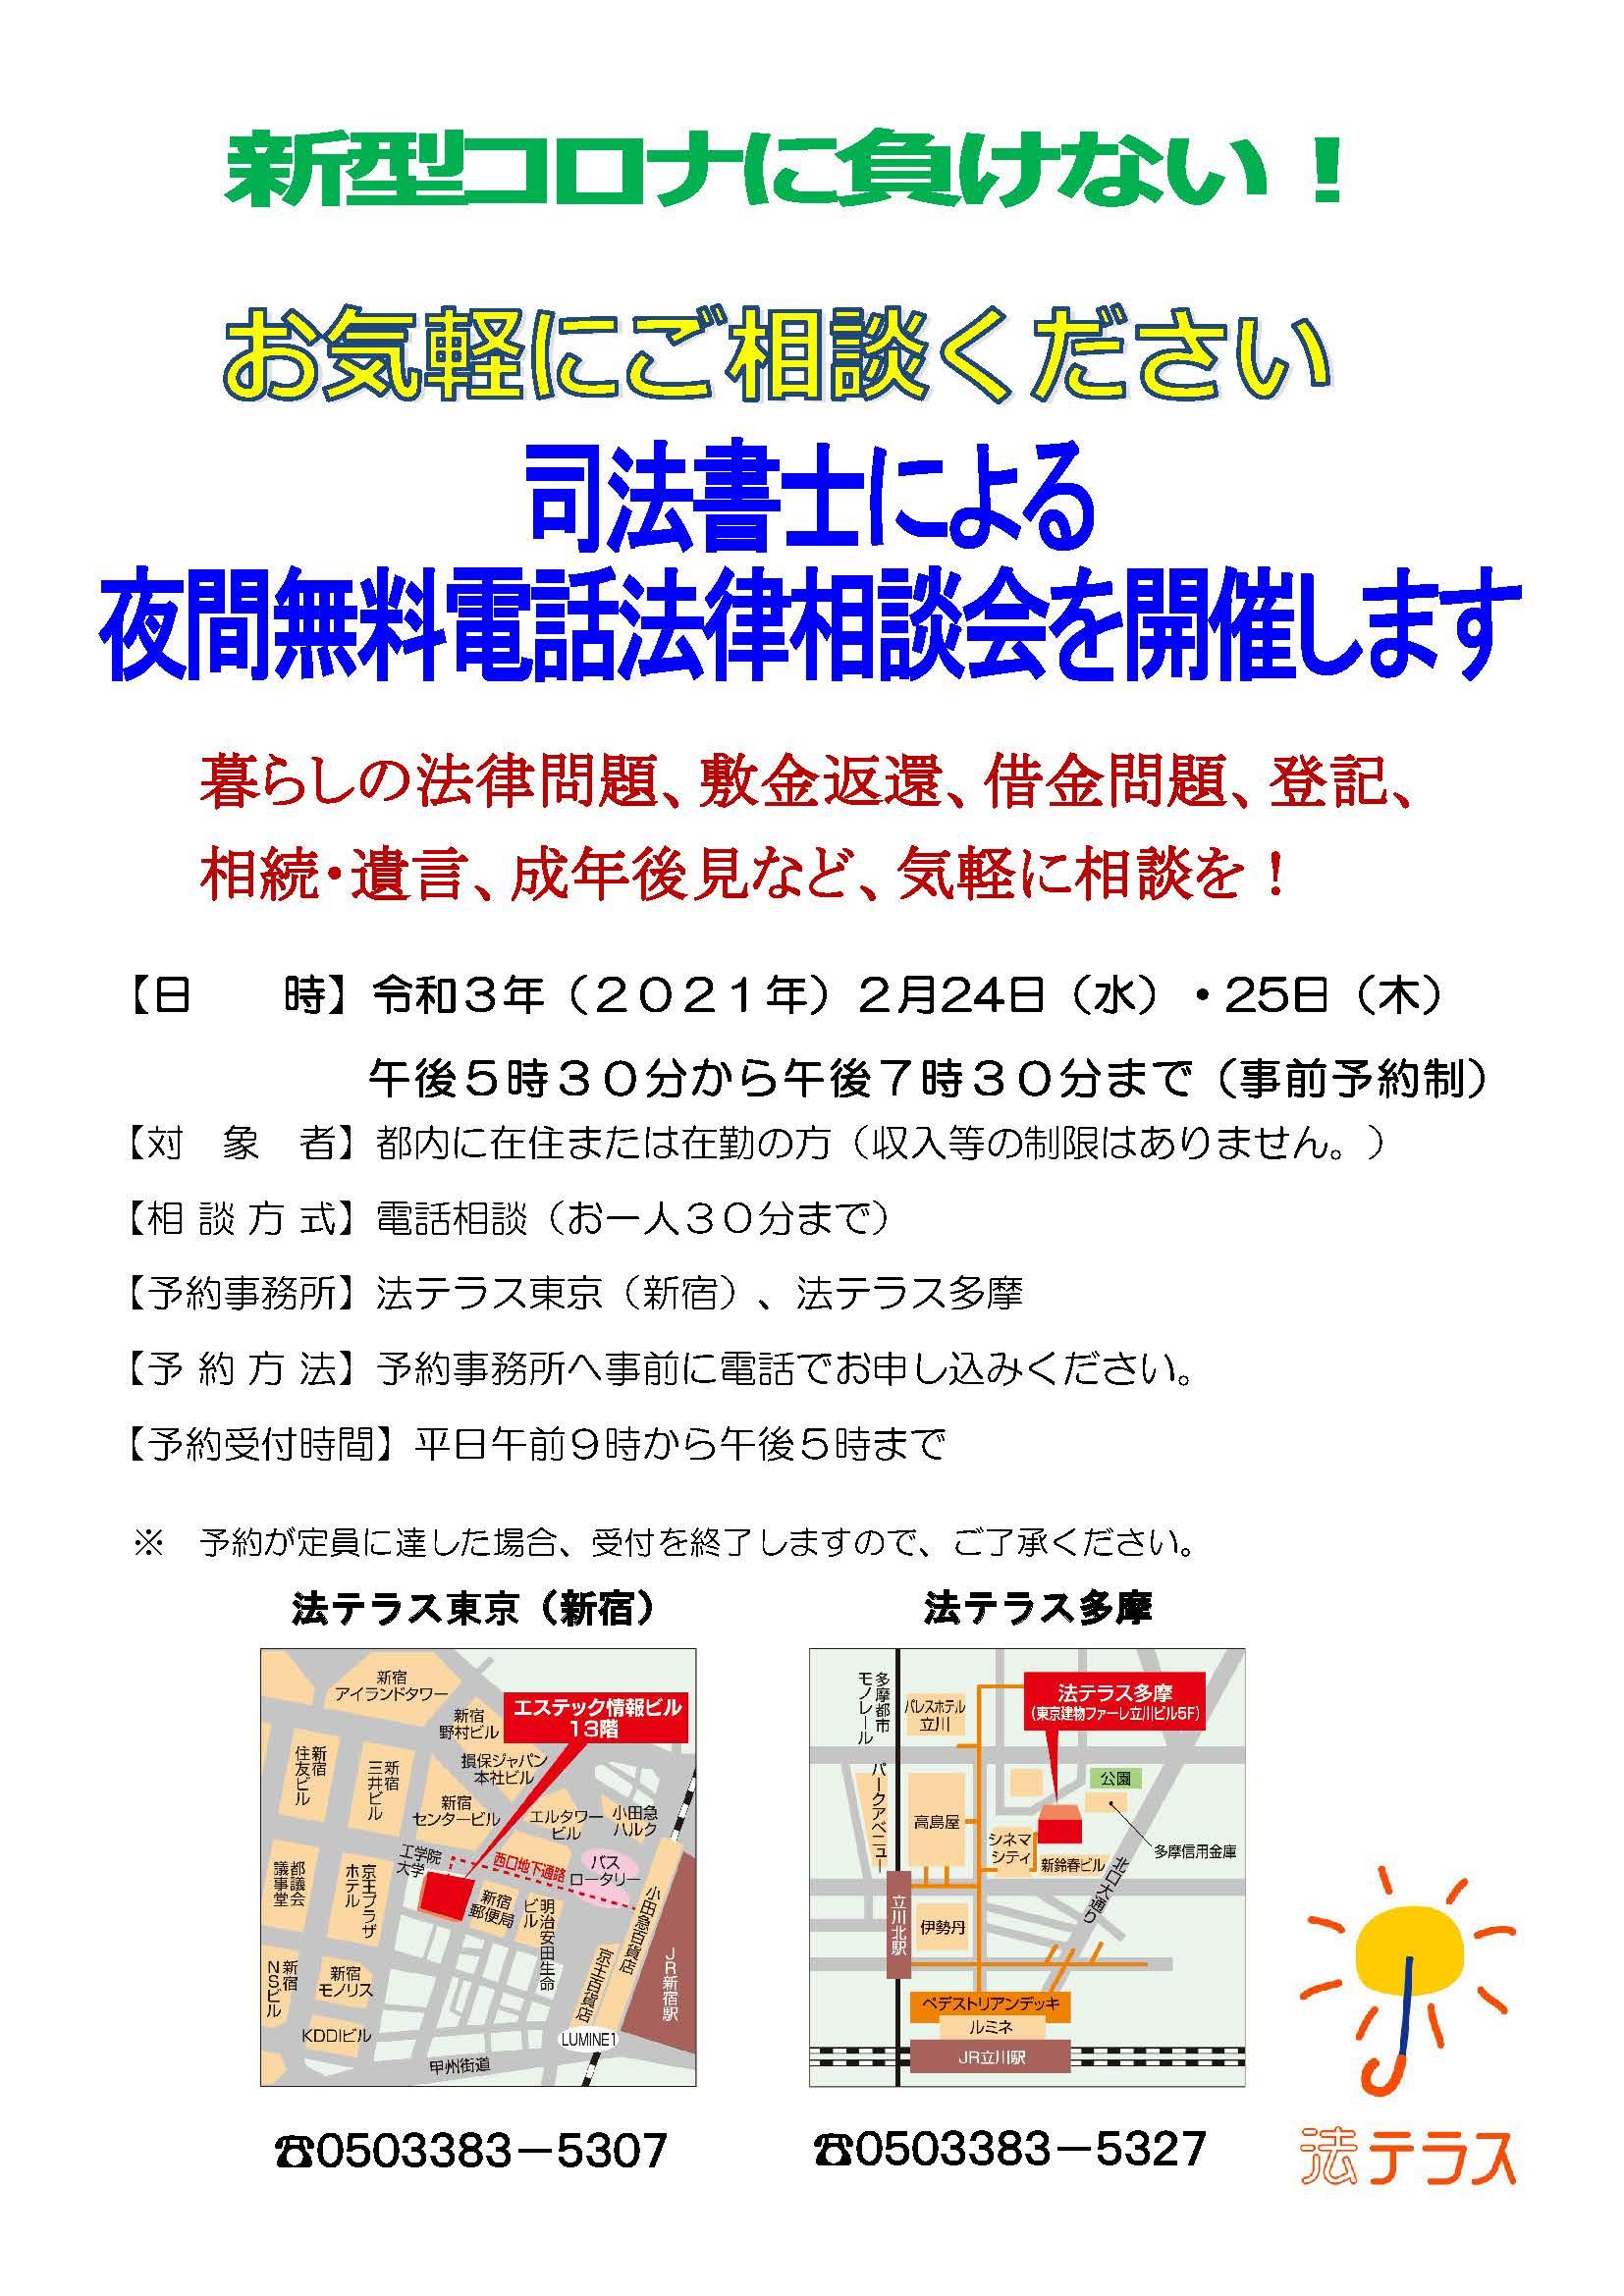 ③R30224_0225夜間無料電話法律相談会(チラシ).jpg